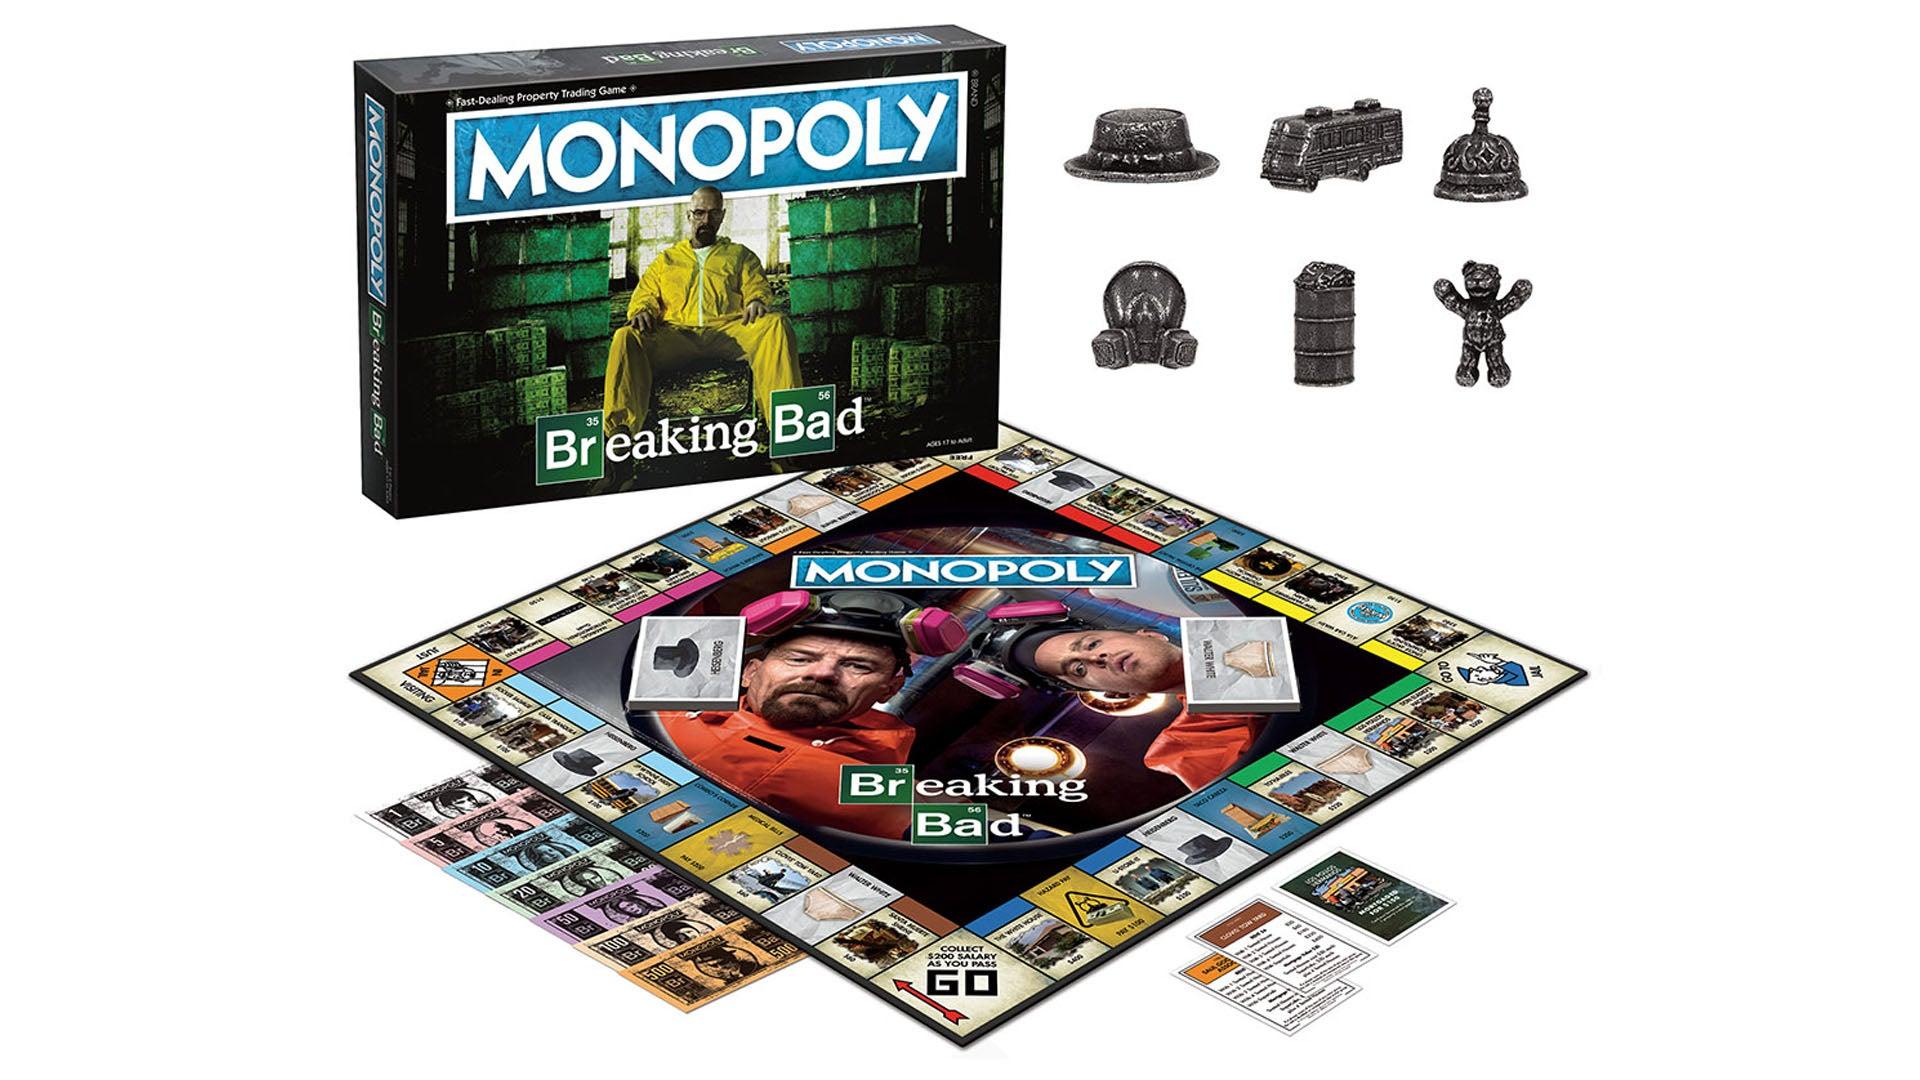 breaking-bad-monopoly-board-game-layout.jpg